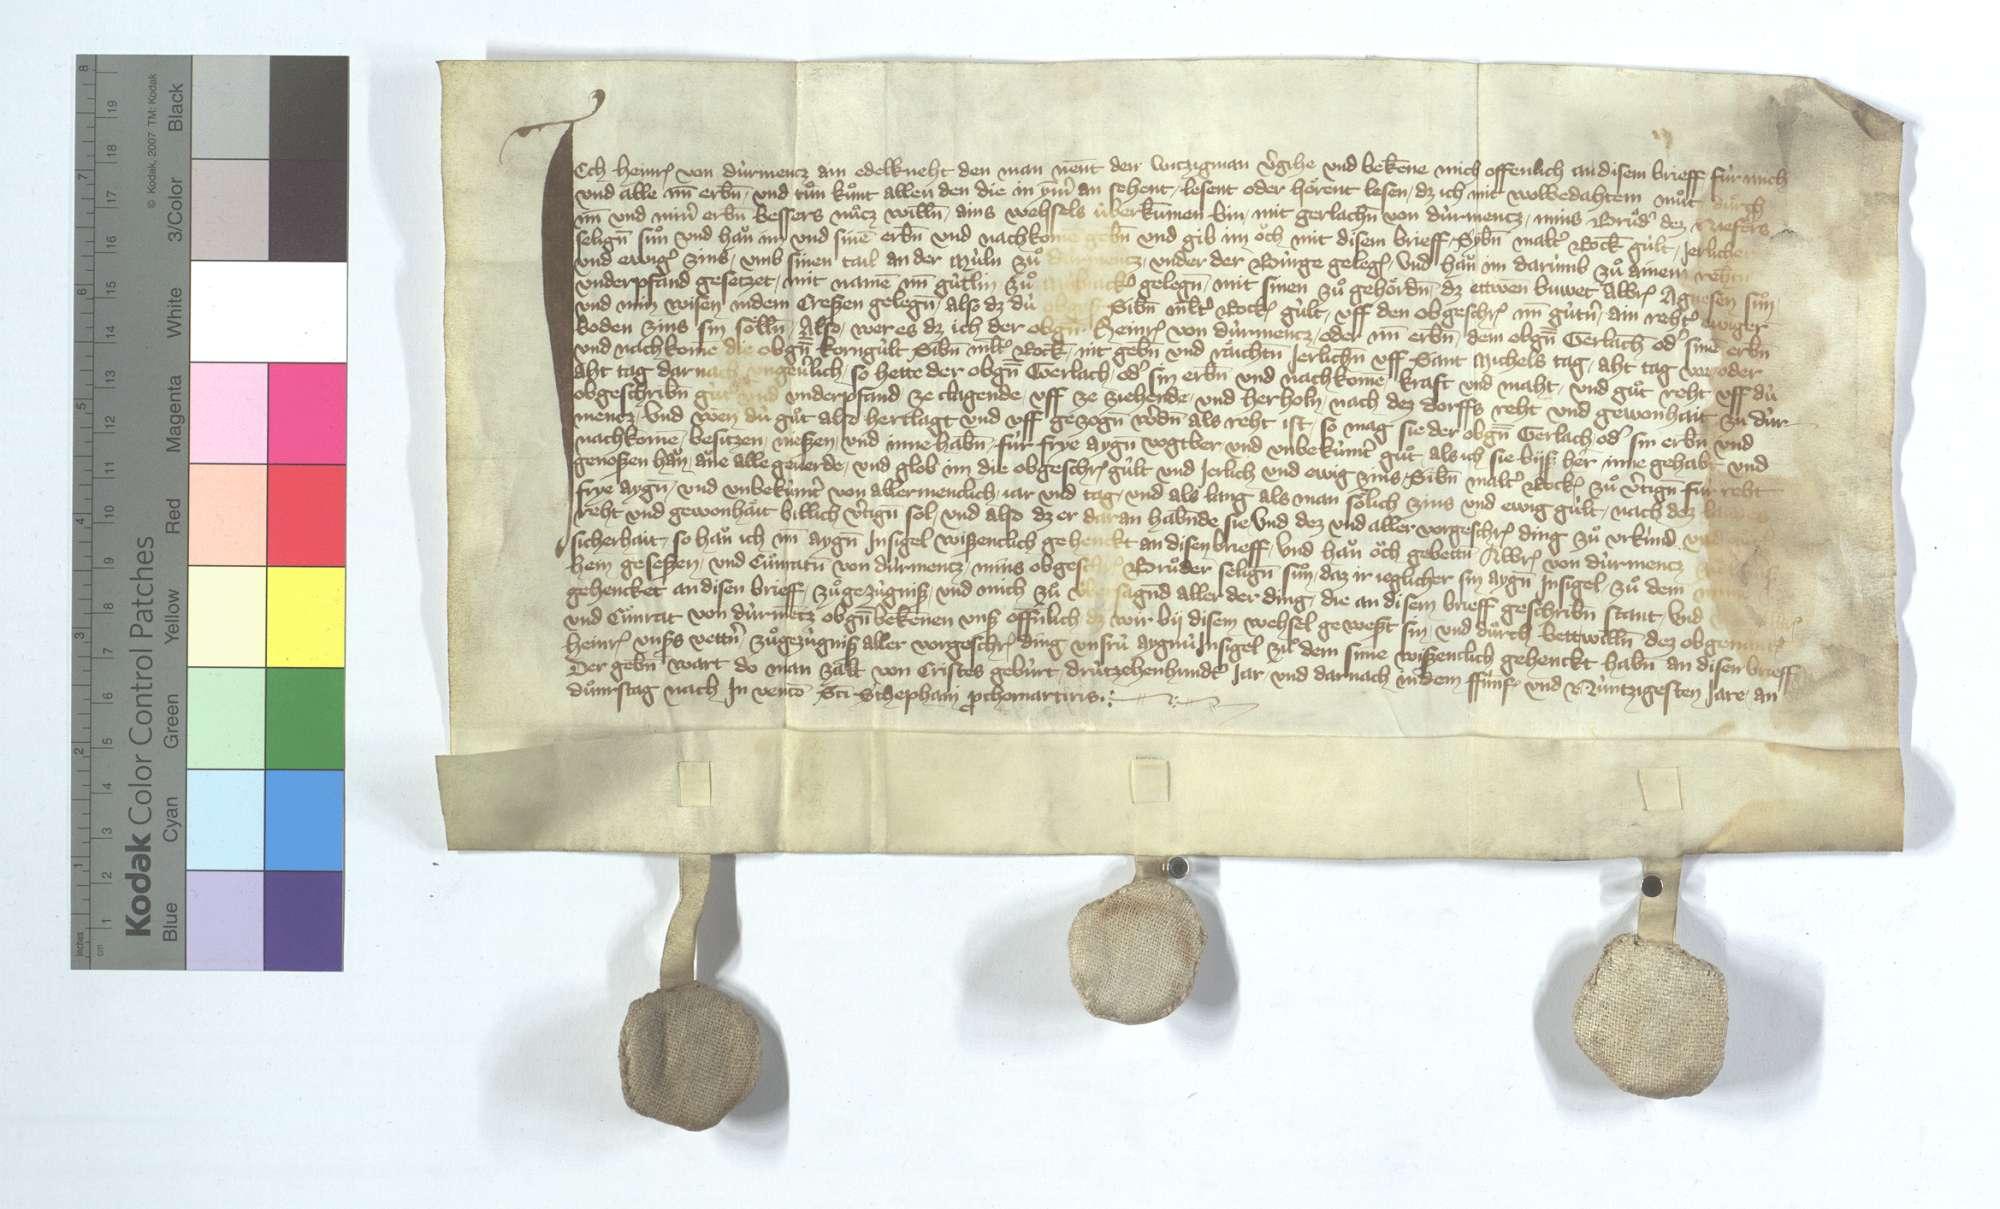 Heinrich von Dürrmenz übergibt seines Bruders Sohn Gerlach 7 Malter Roggen jährliche Gült um dessen Teil an der Mühle unter der Burg in Dürrmenz., Text